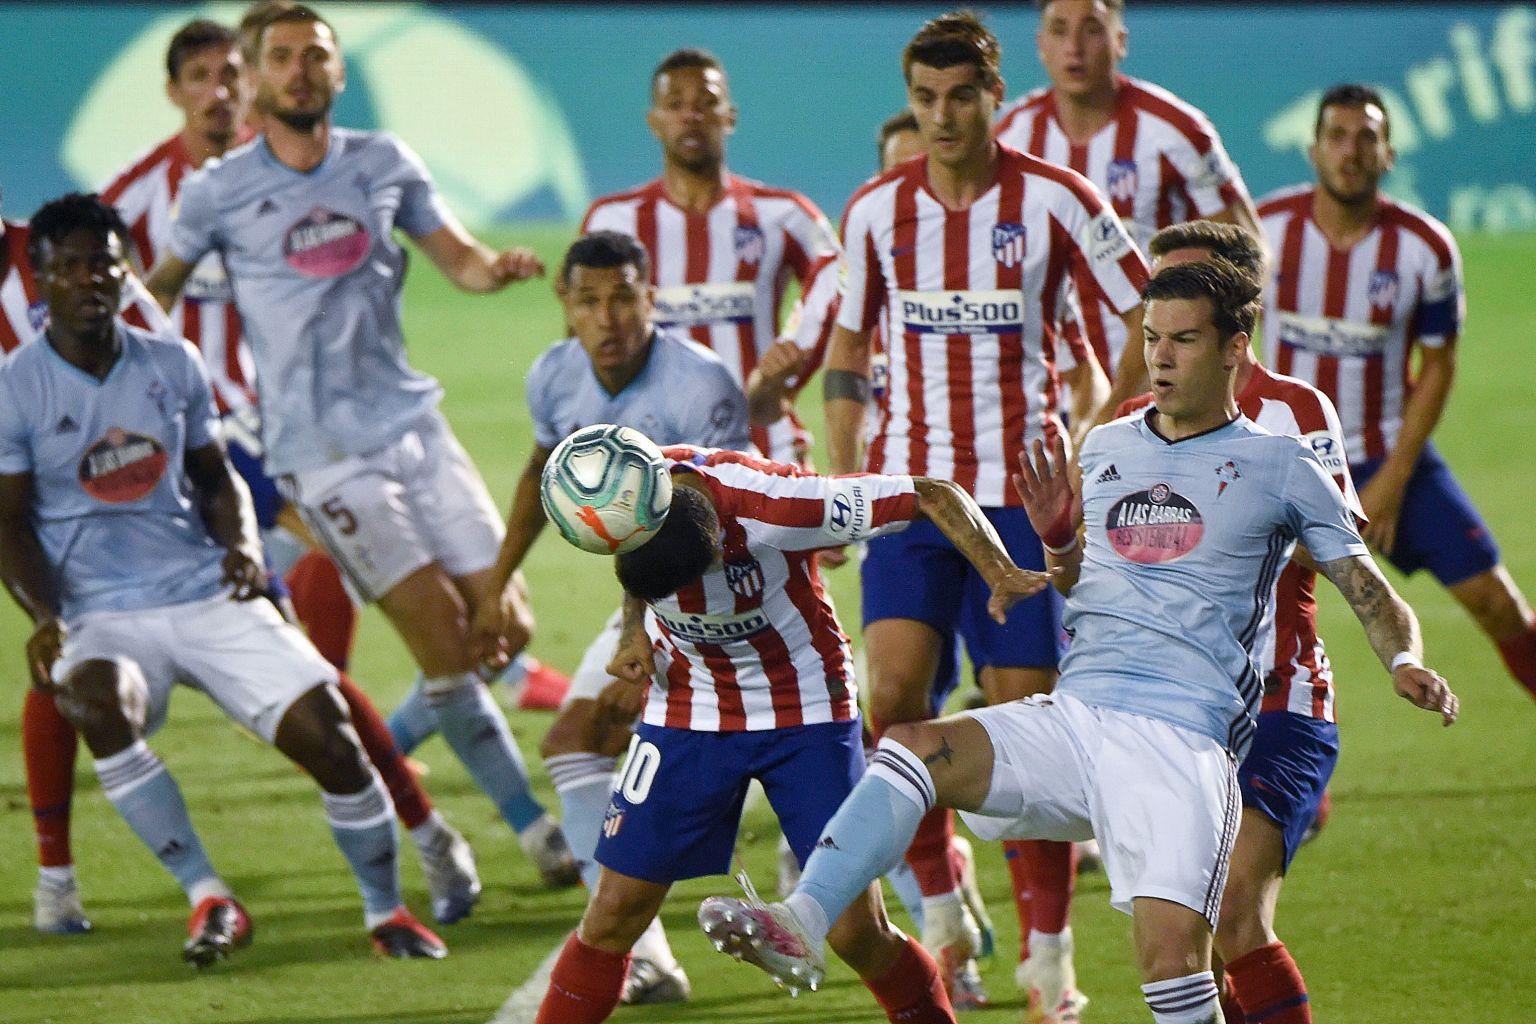 Batal Menang, Atletico Diimbangi Celta Vigo 1-1 Di Balaidos